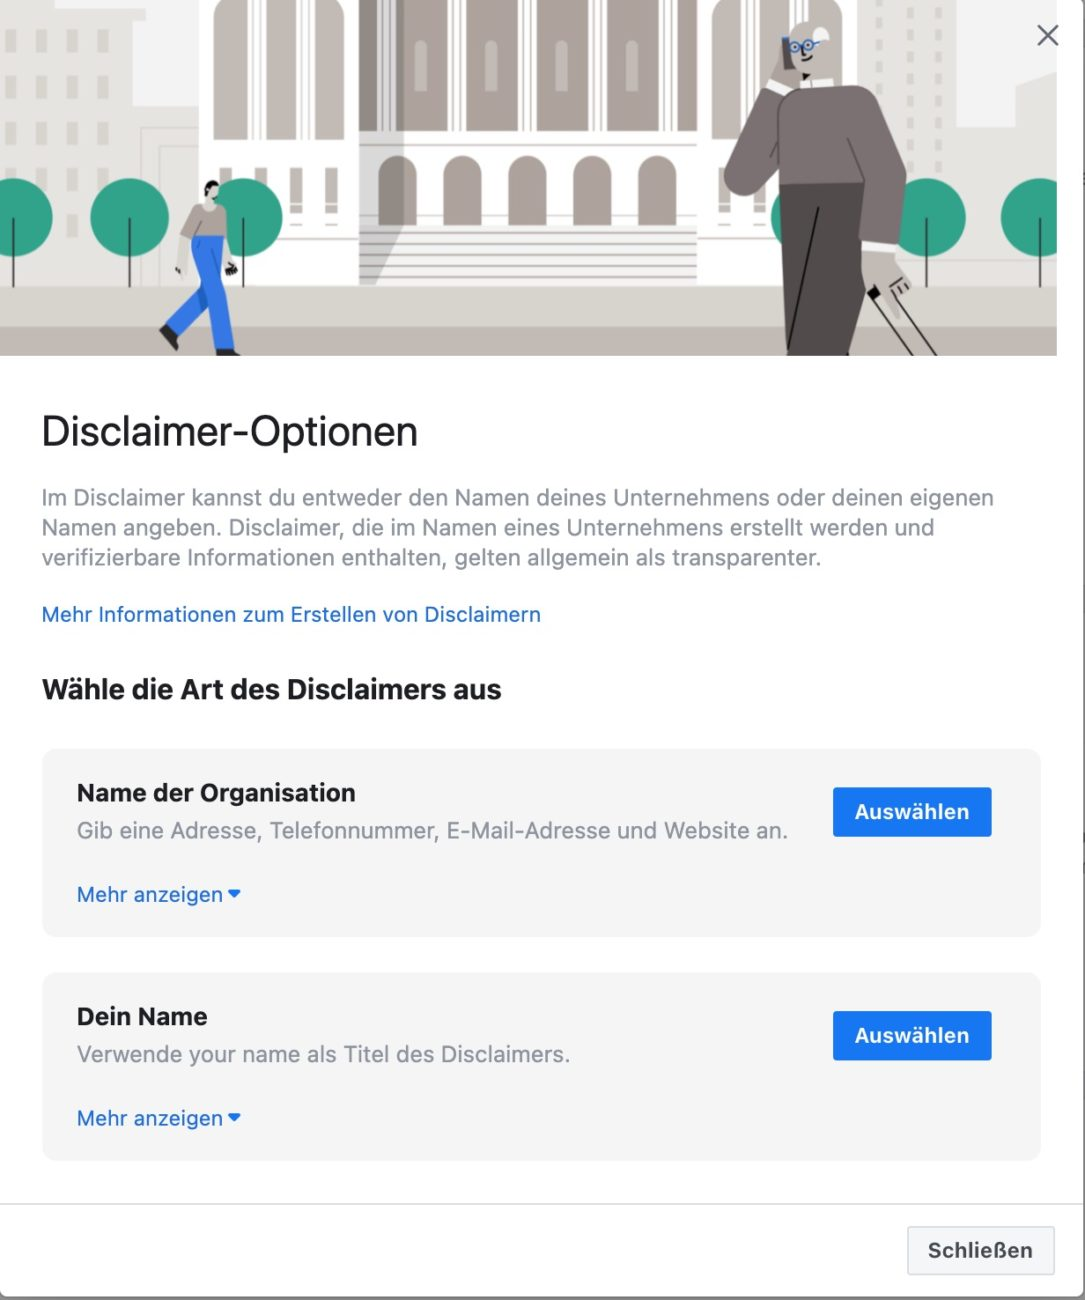 Anleitung Facebook für politische Werbung verifizieren - Disclaimer erstellen